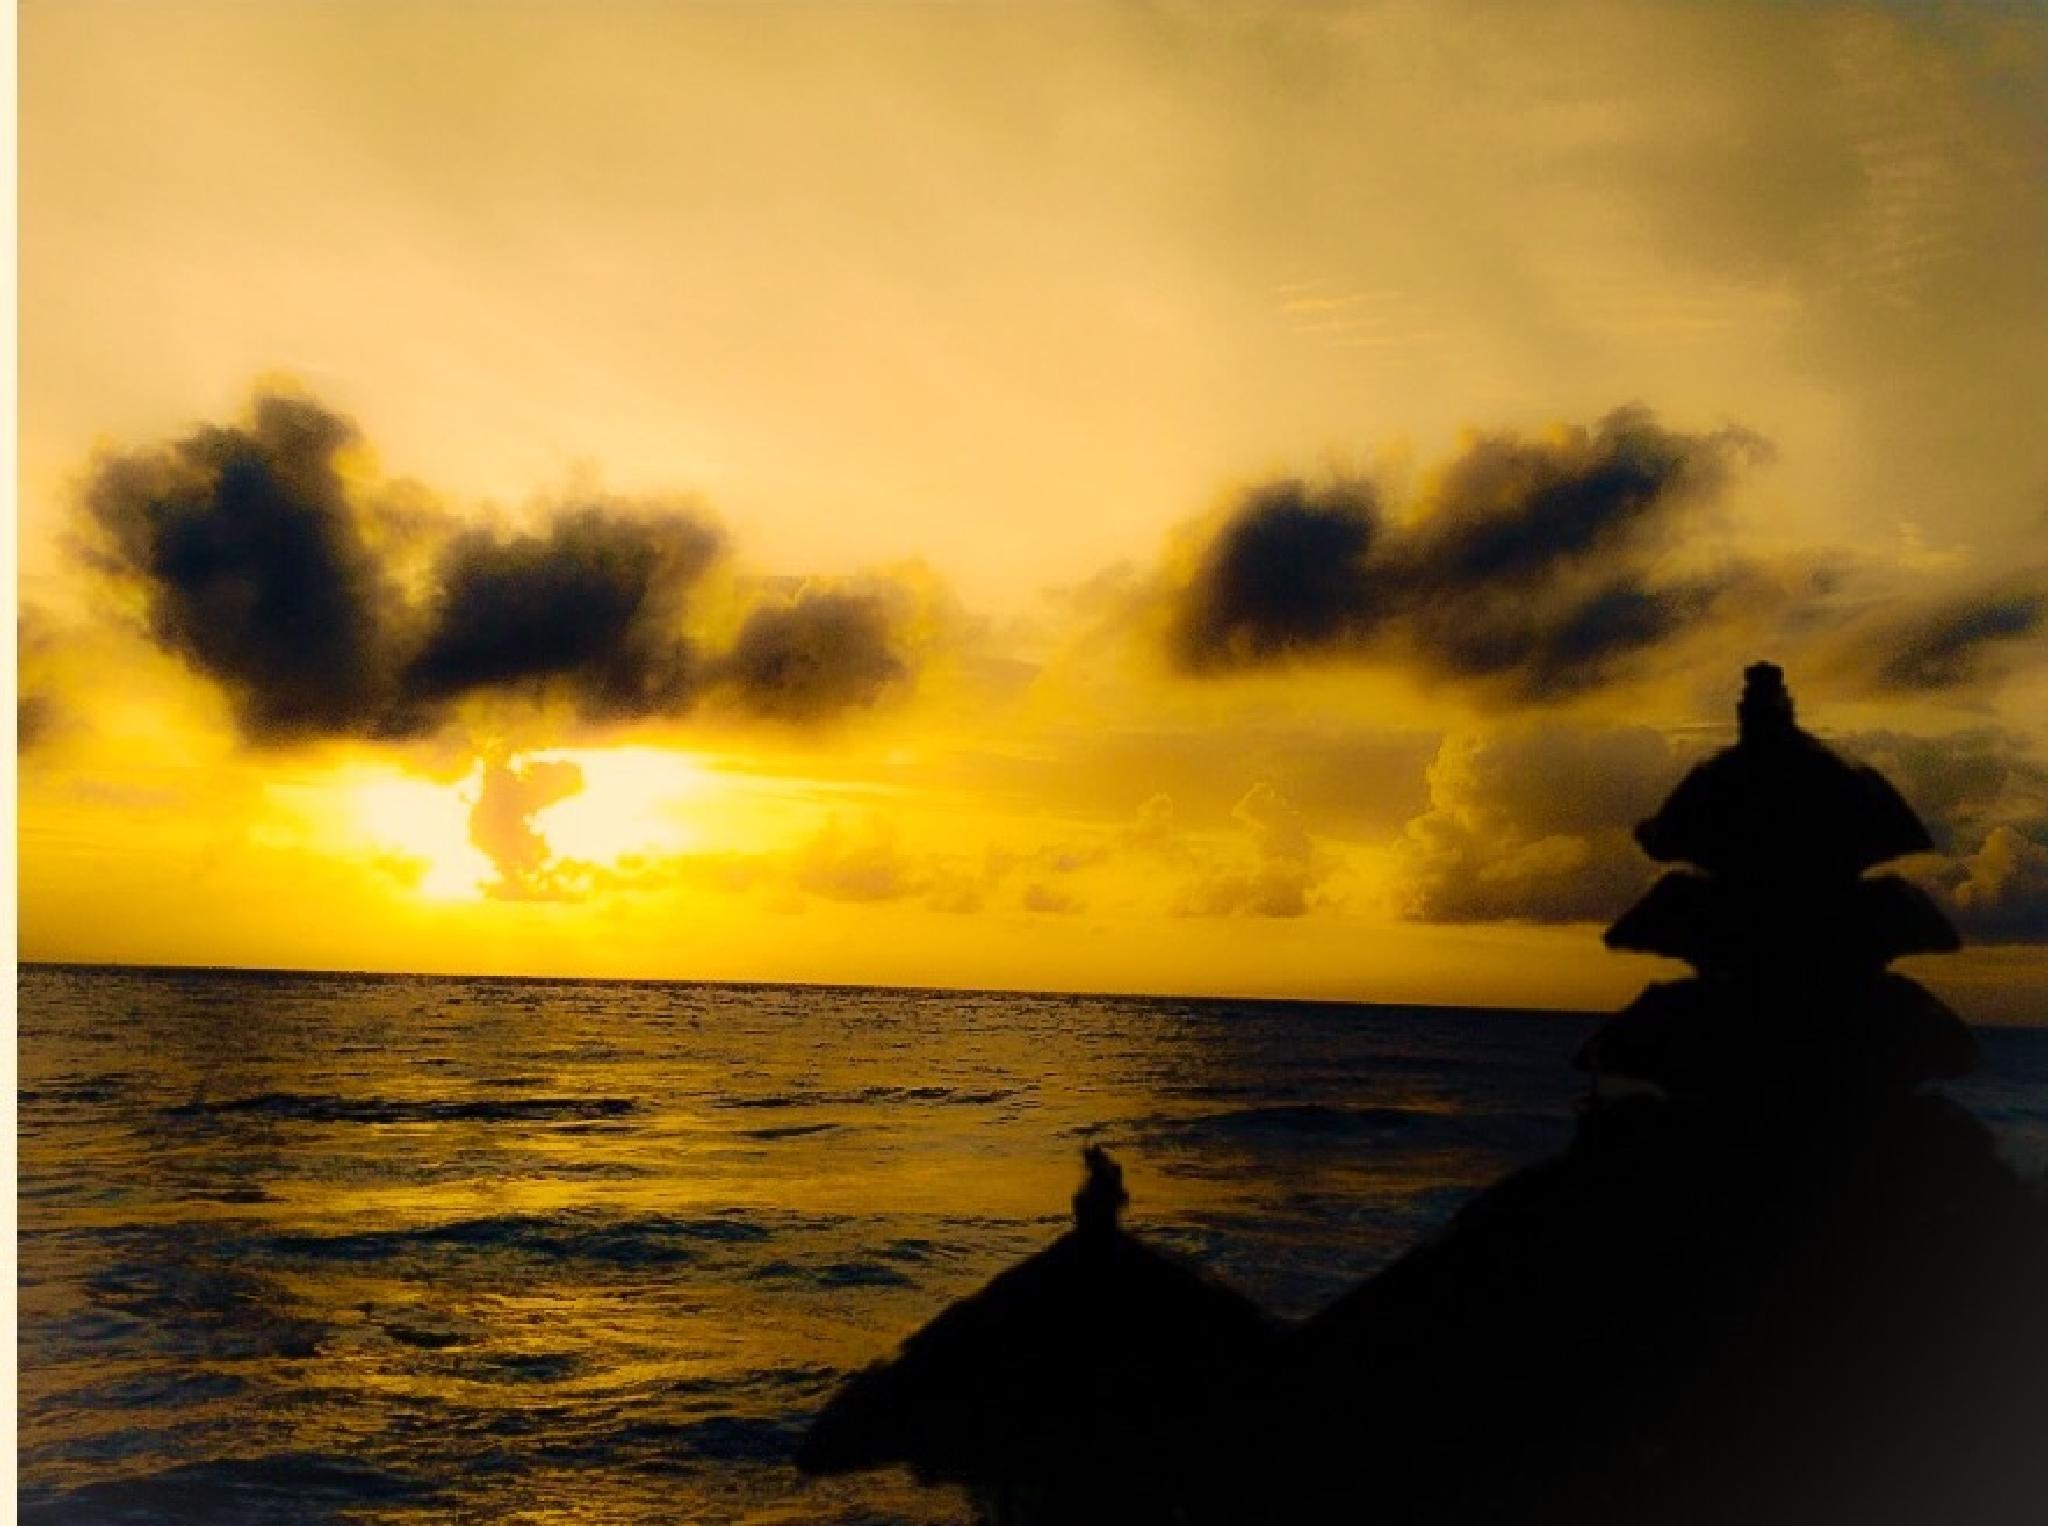 Golden sunset by Anjana Chakraborti